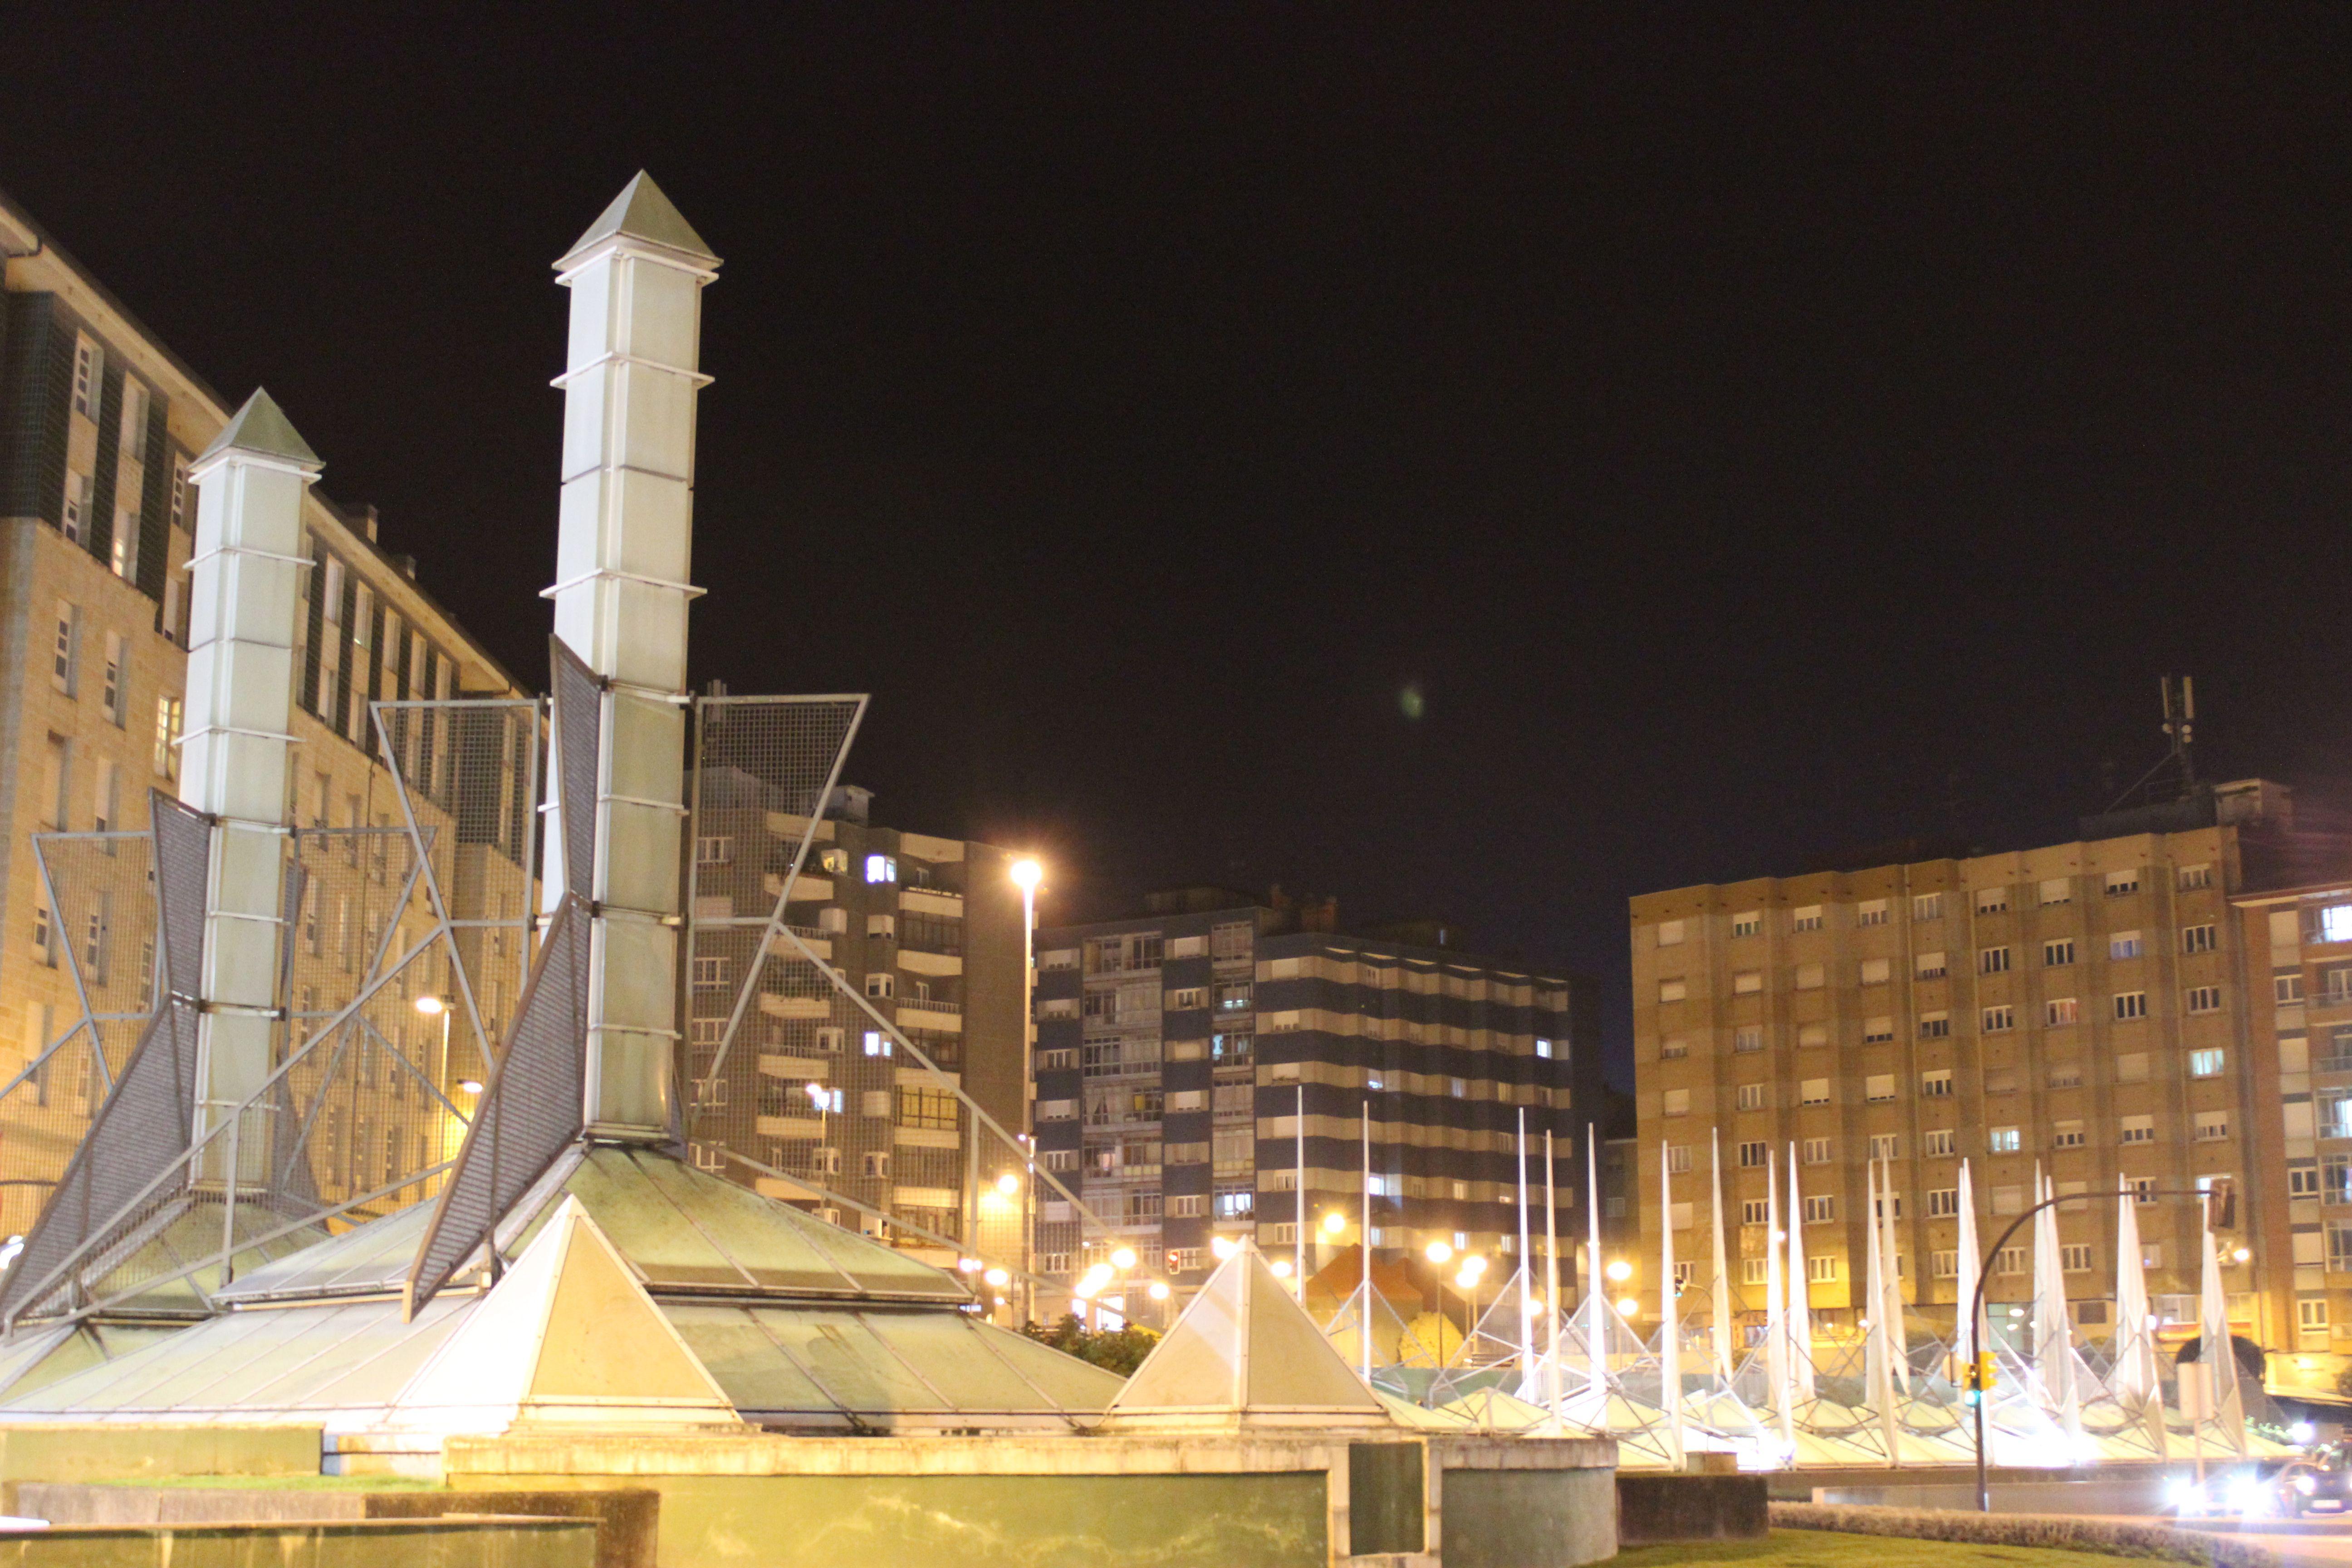 parque de las verjas, Gijón